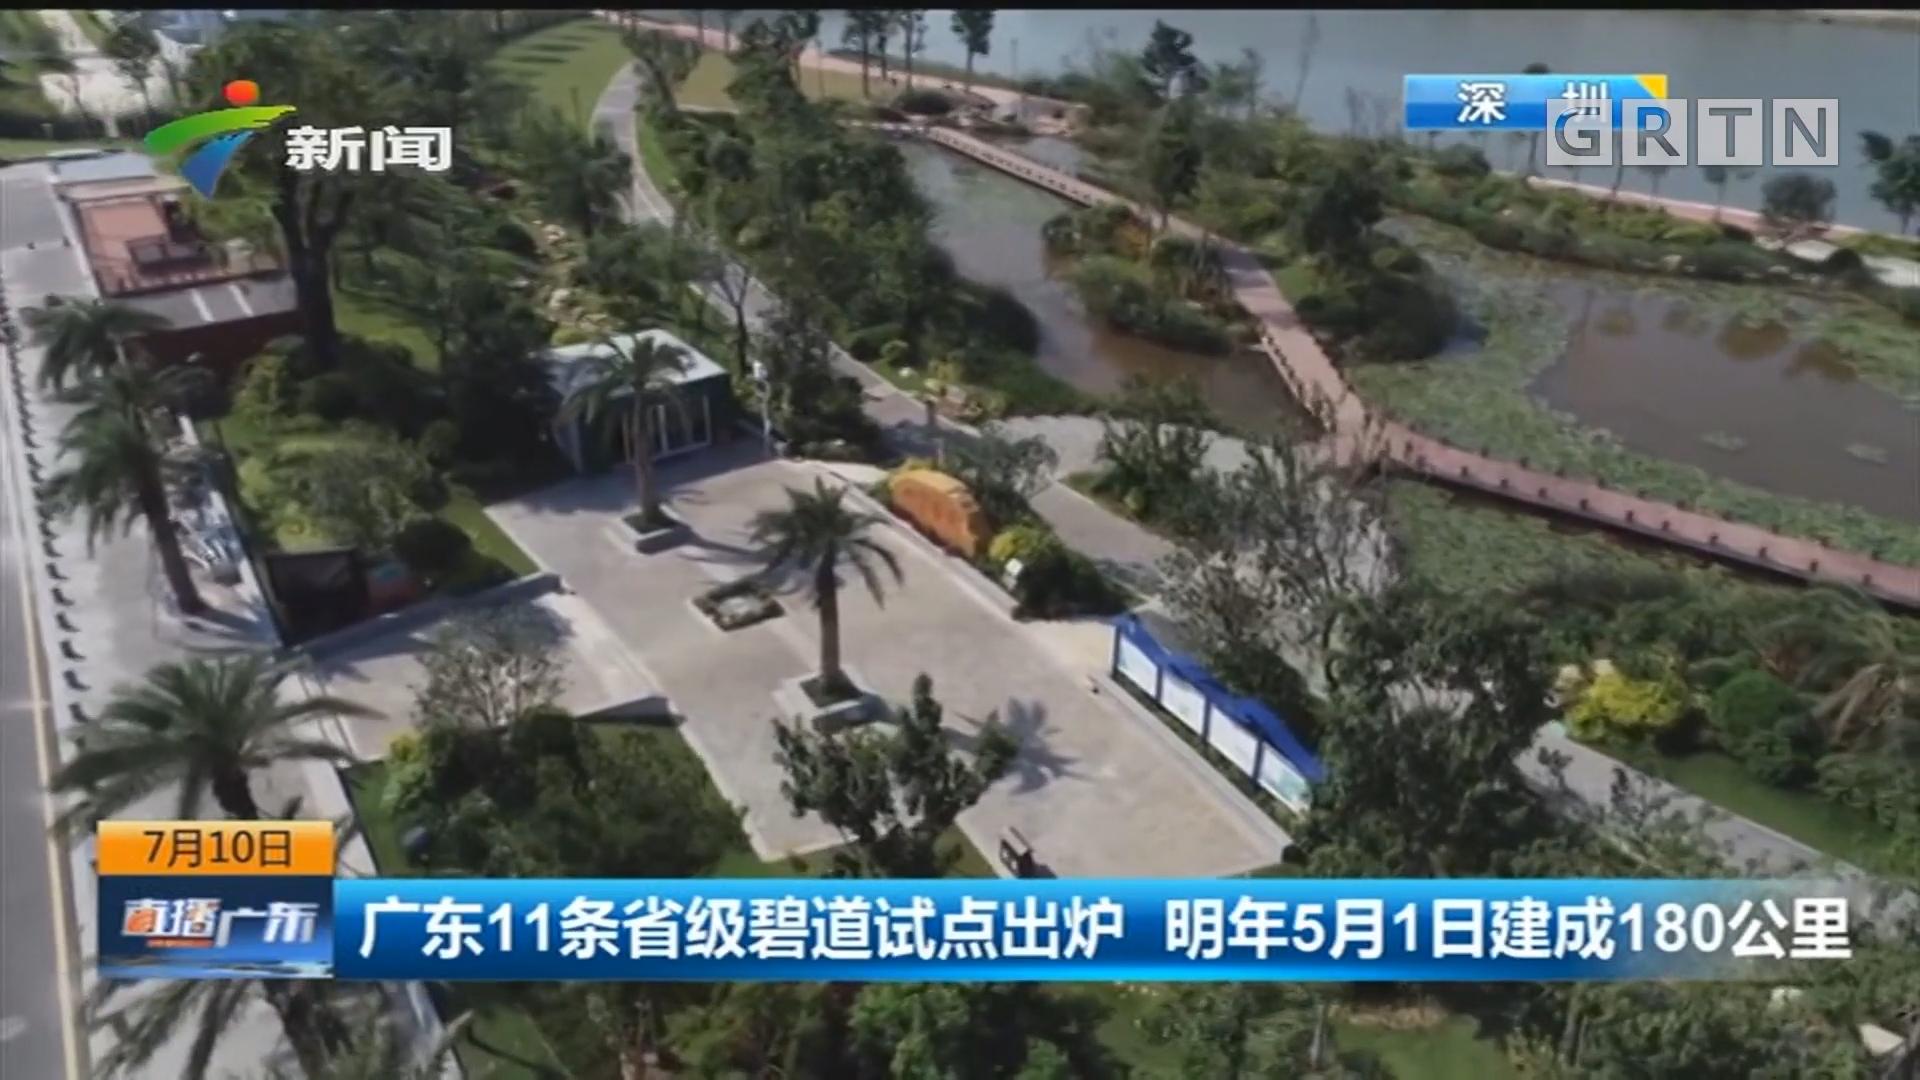 广东11条省级碧道试点出炉 明年5月1日建成180公里